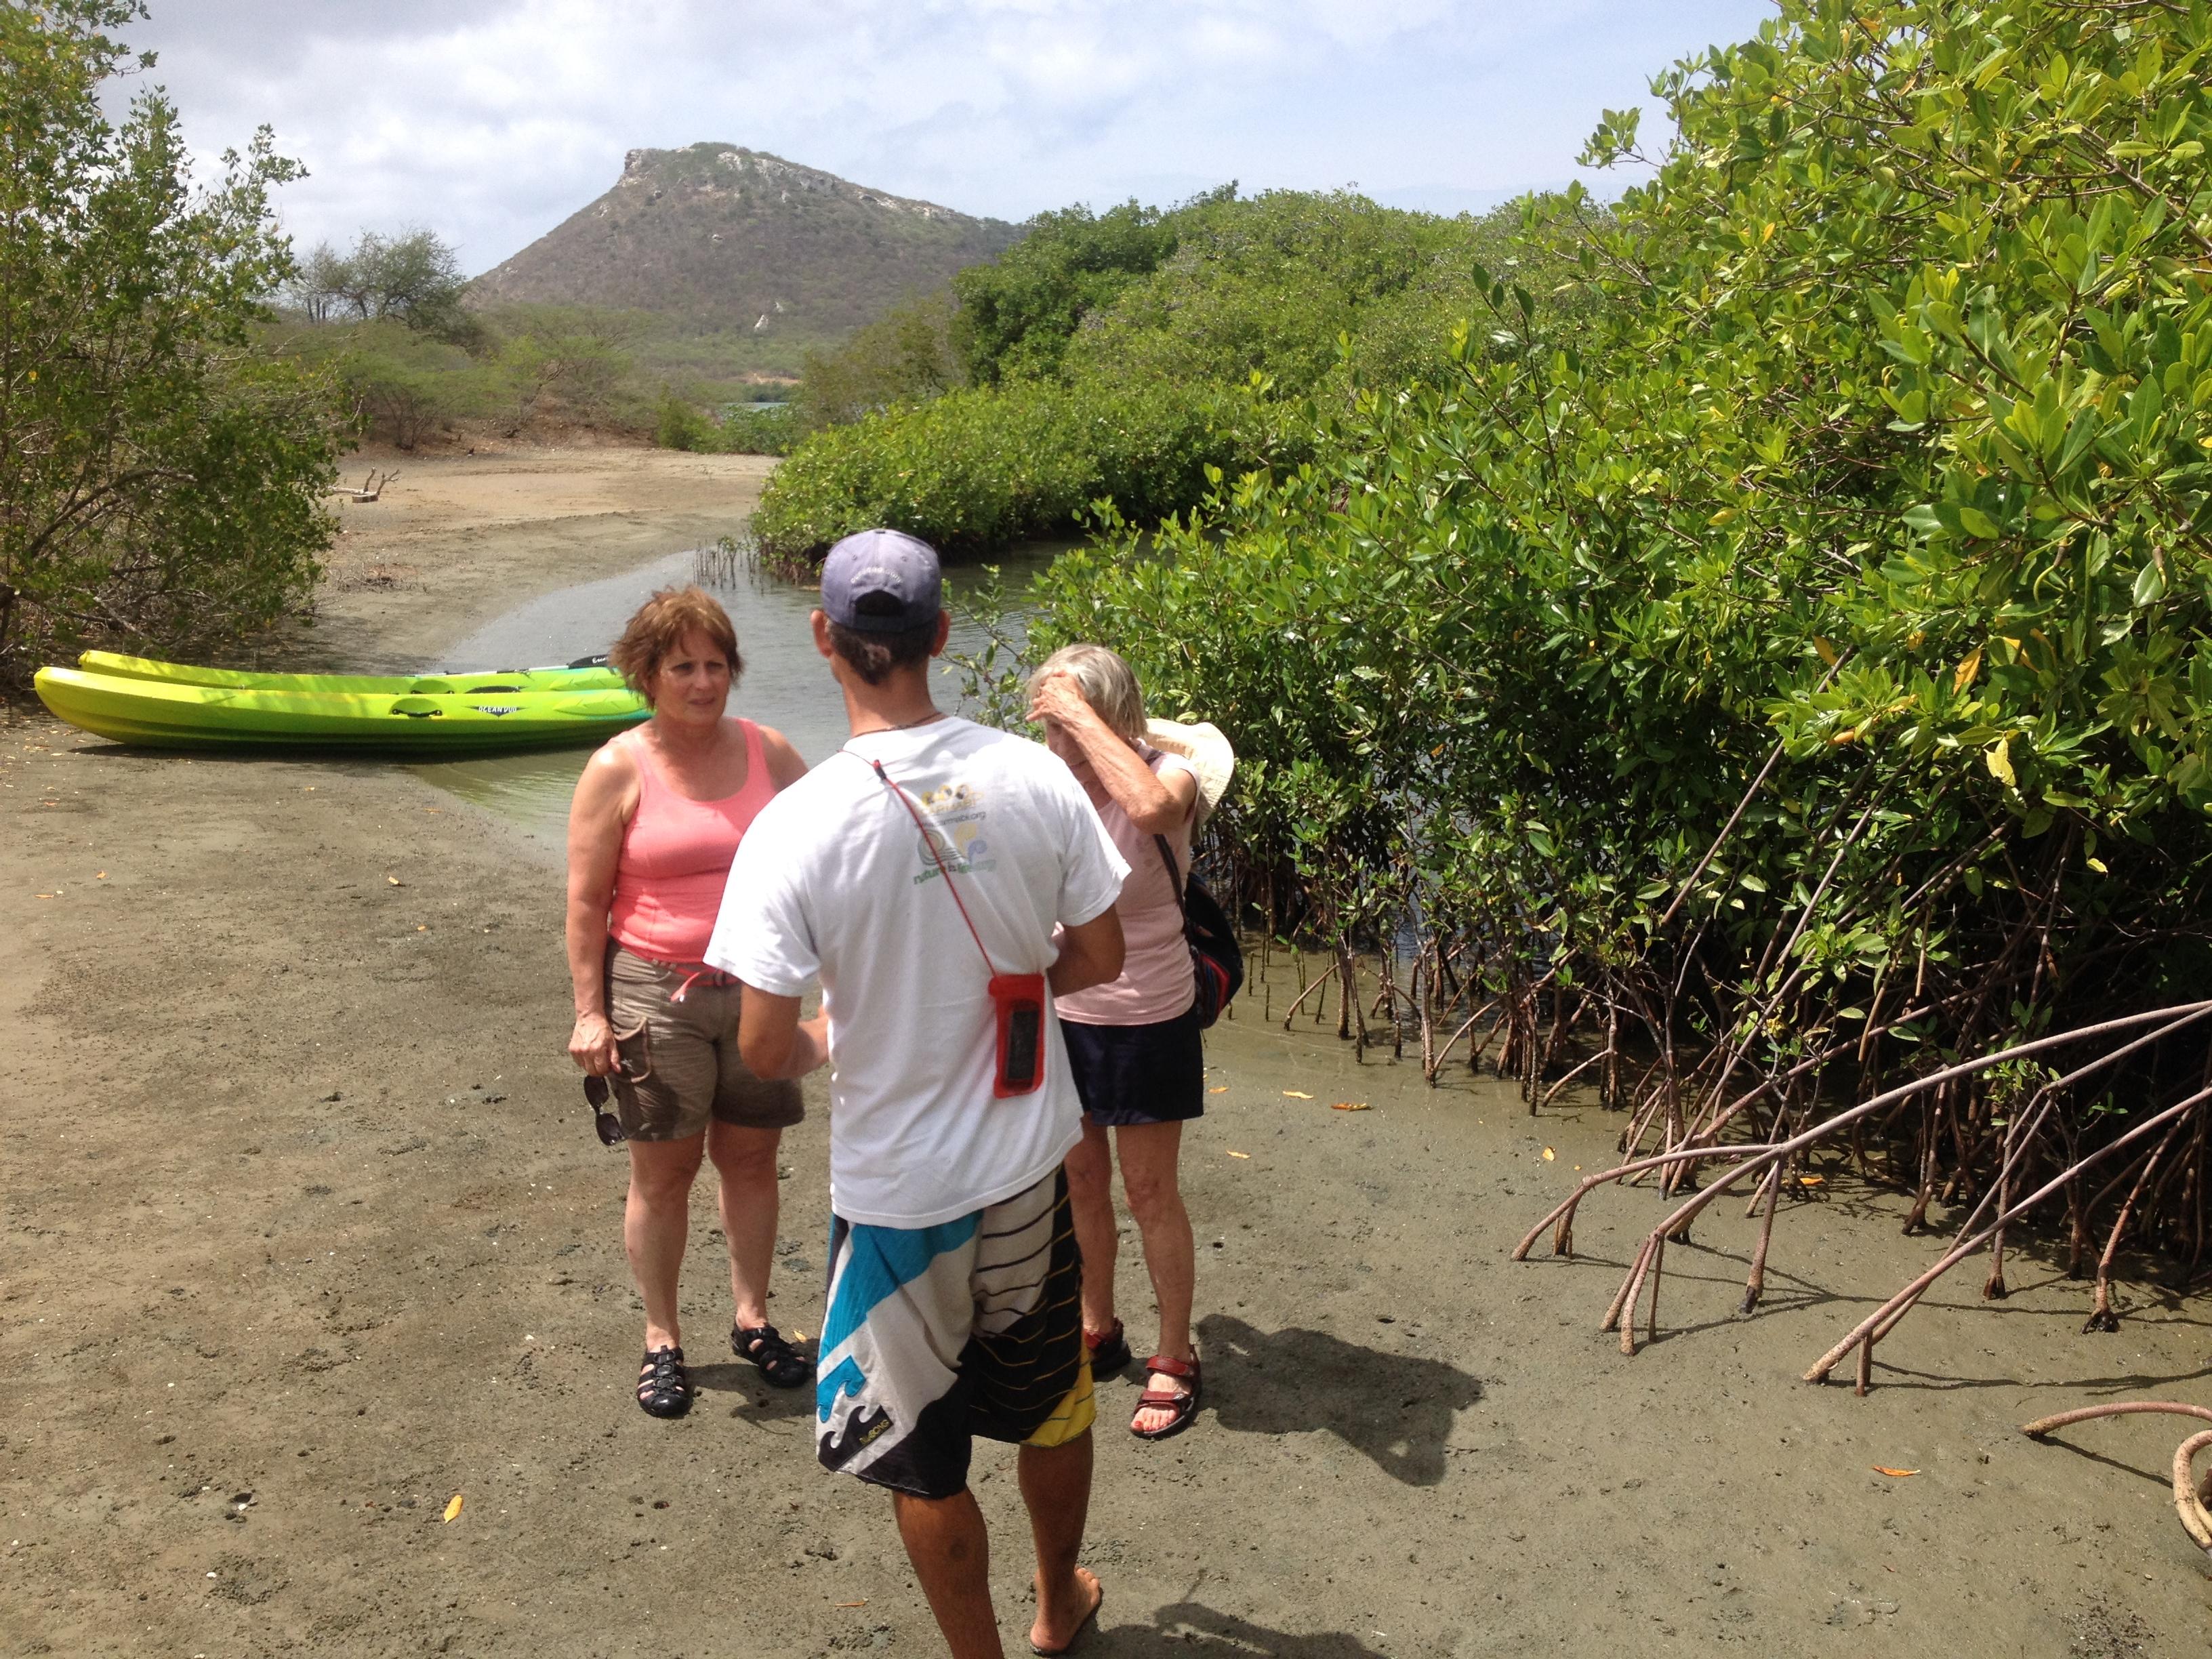 Ryan Kayak experience